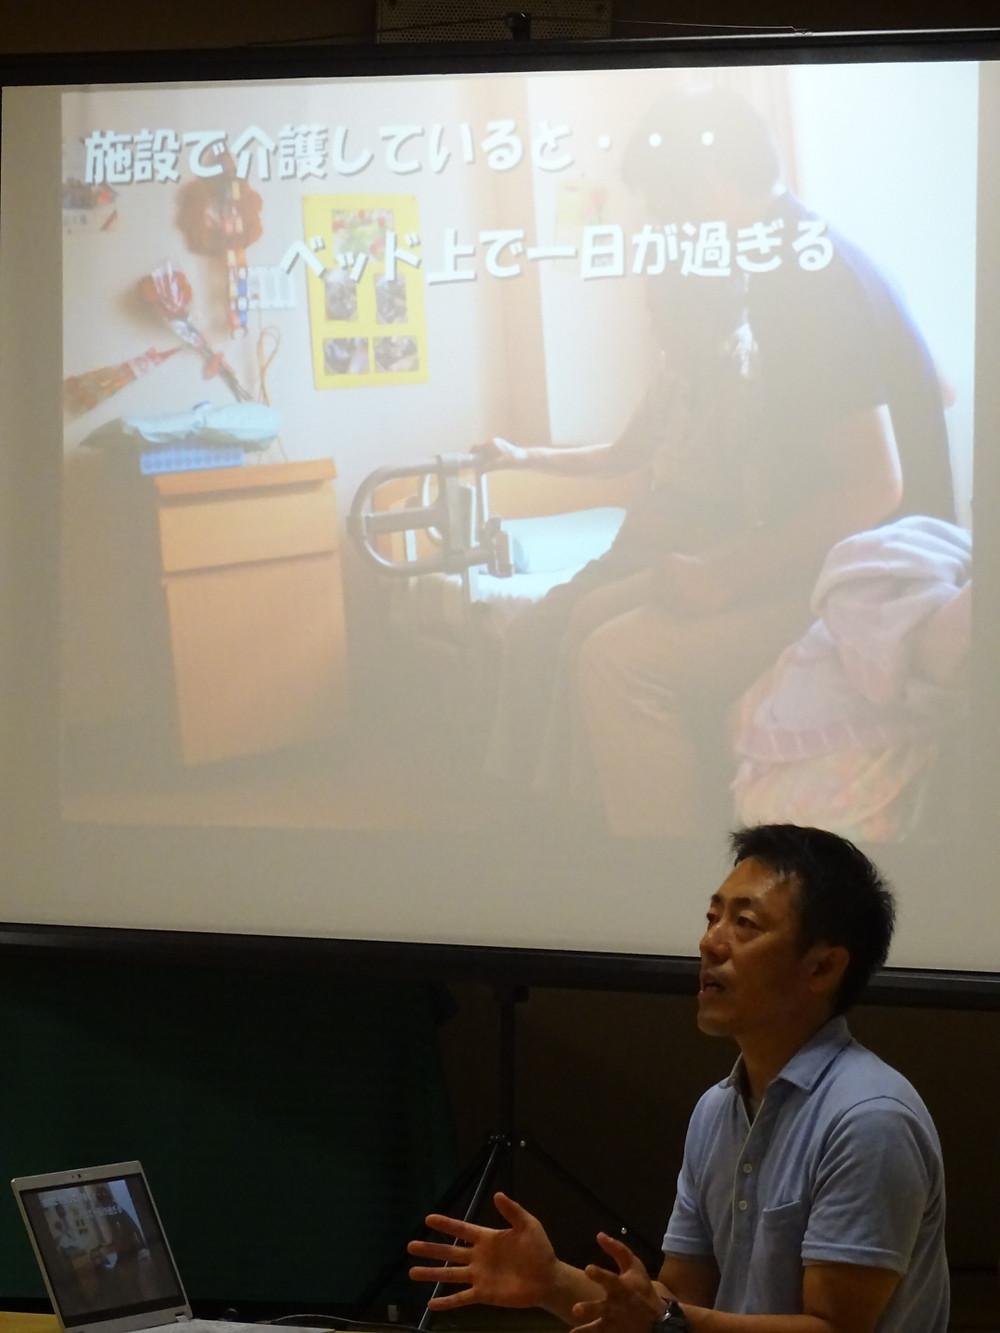 松本健史講演の様子